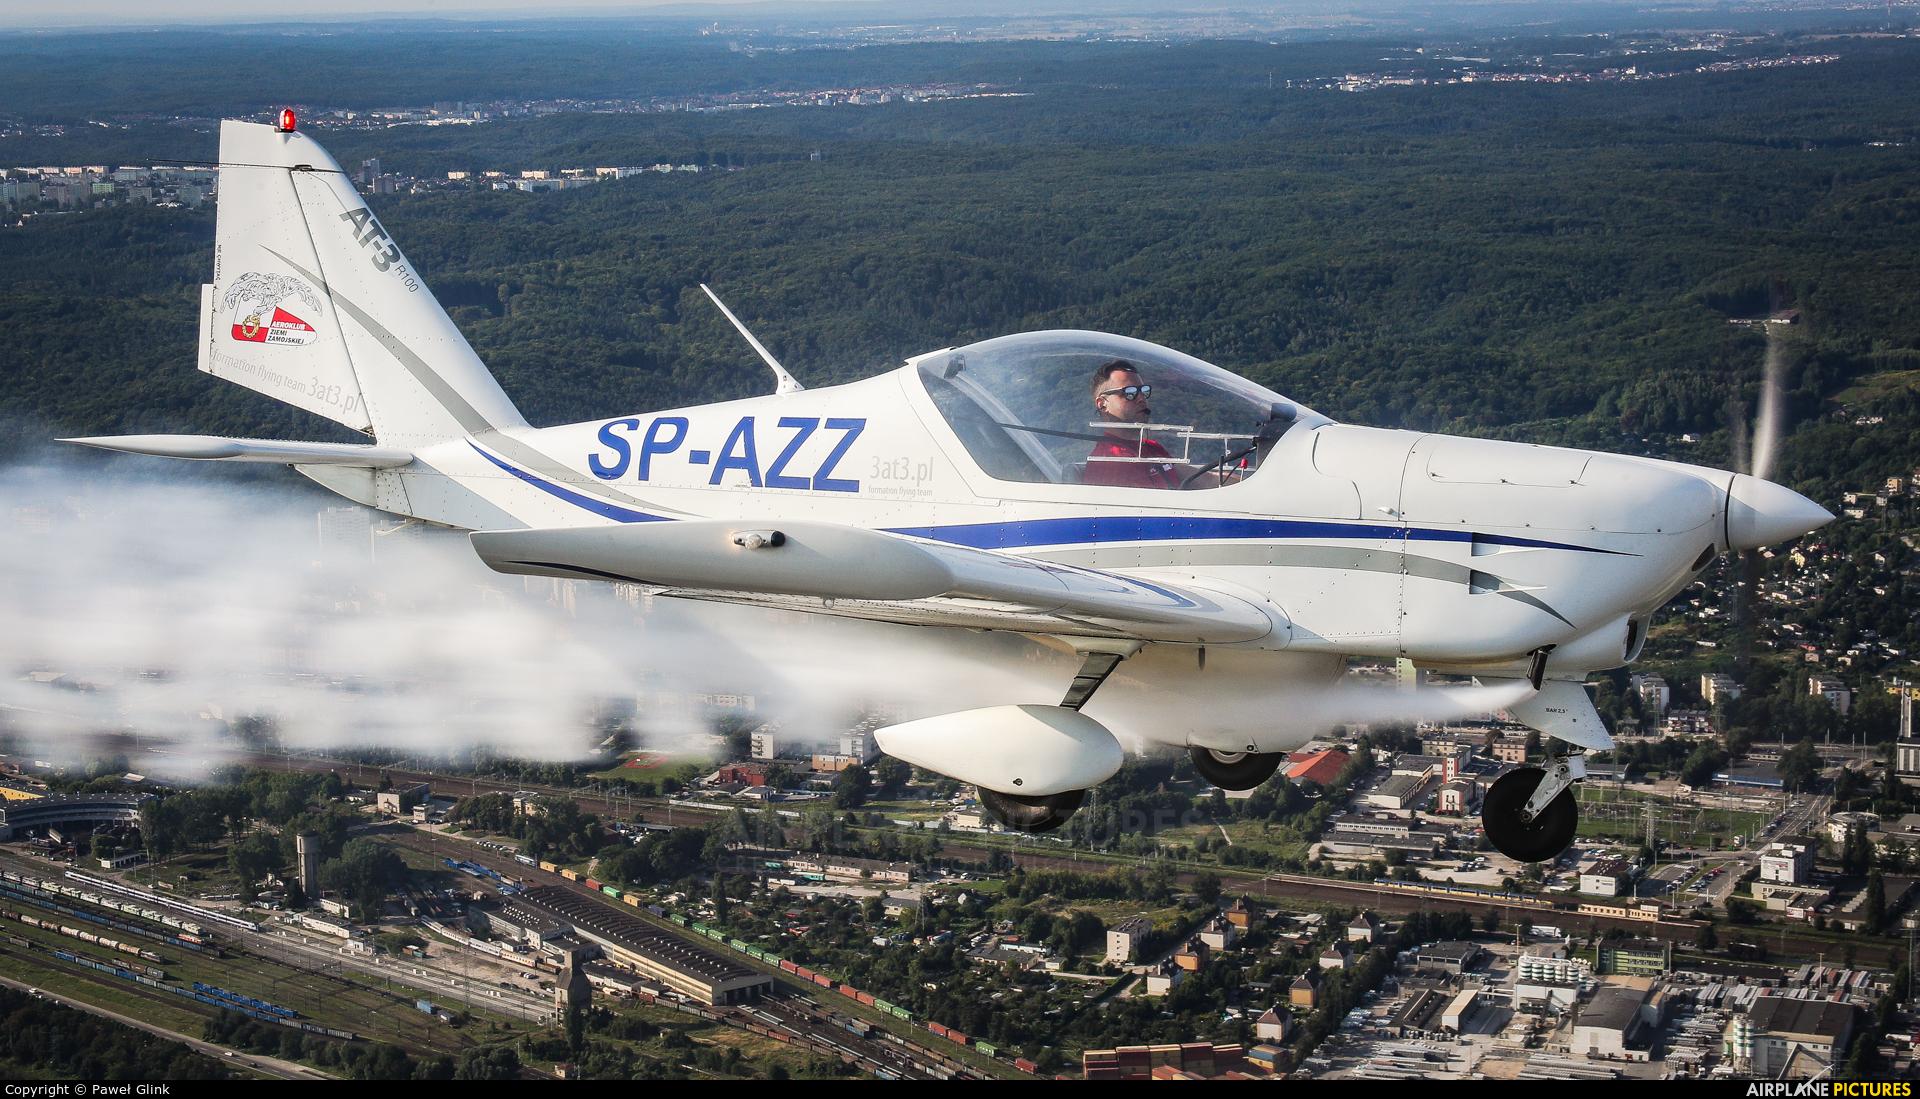 Aeroklub Ziemi Zamojskiej SP-AZZ aircraft at In Flight - Poland